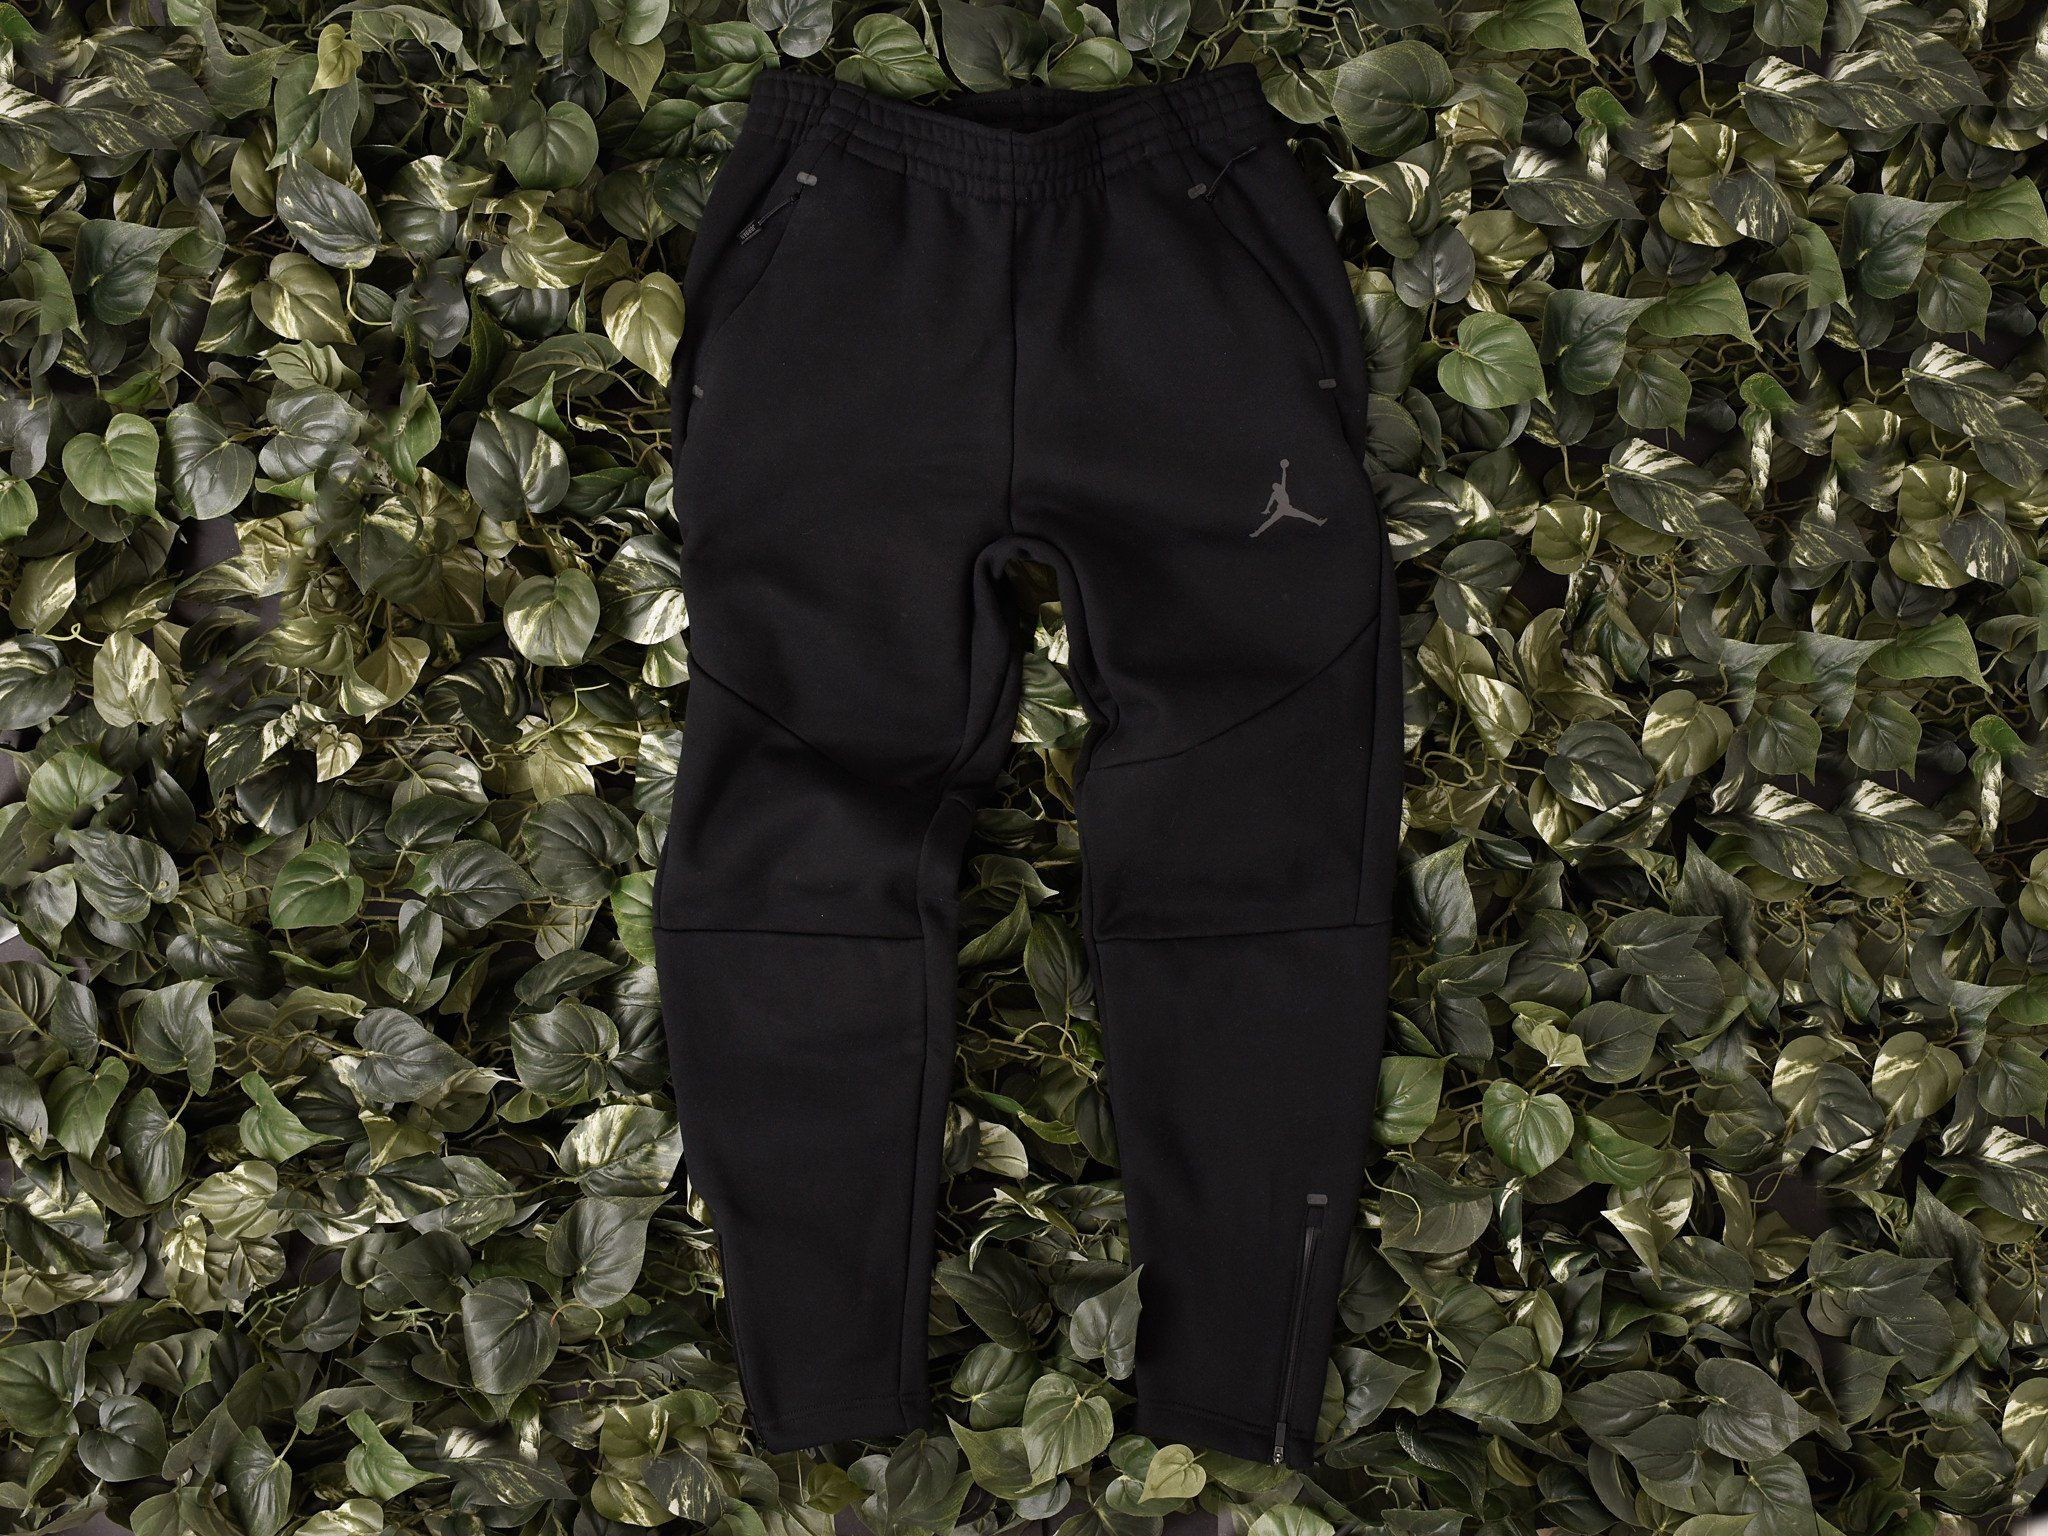 ac68a3e2dd2bd9 Men s Air Jordan 23 Lux Sweatpants  835844-010